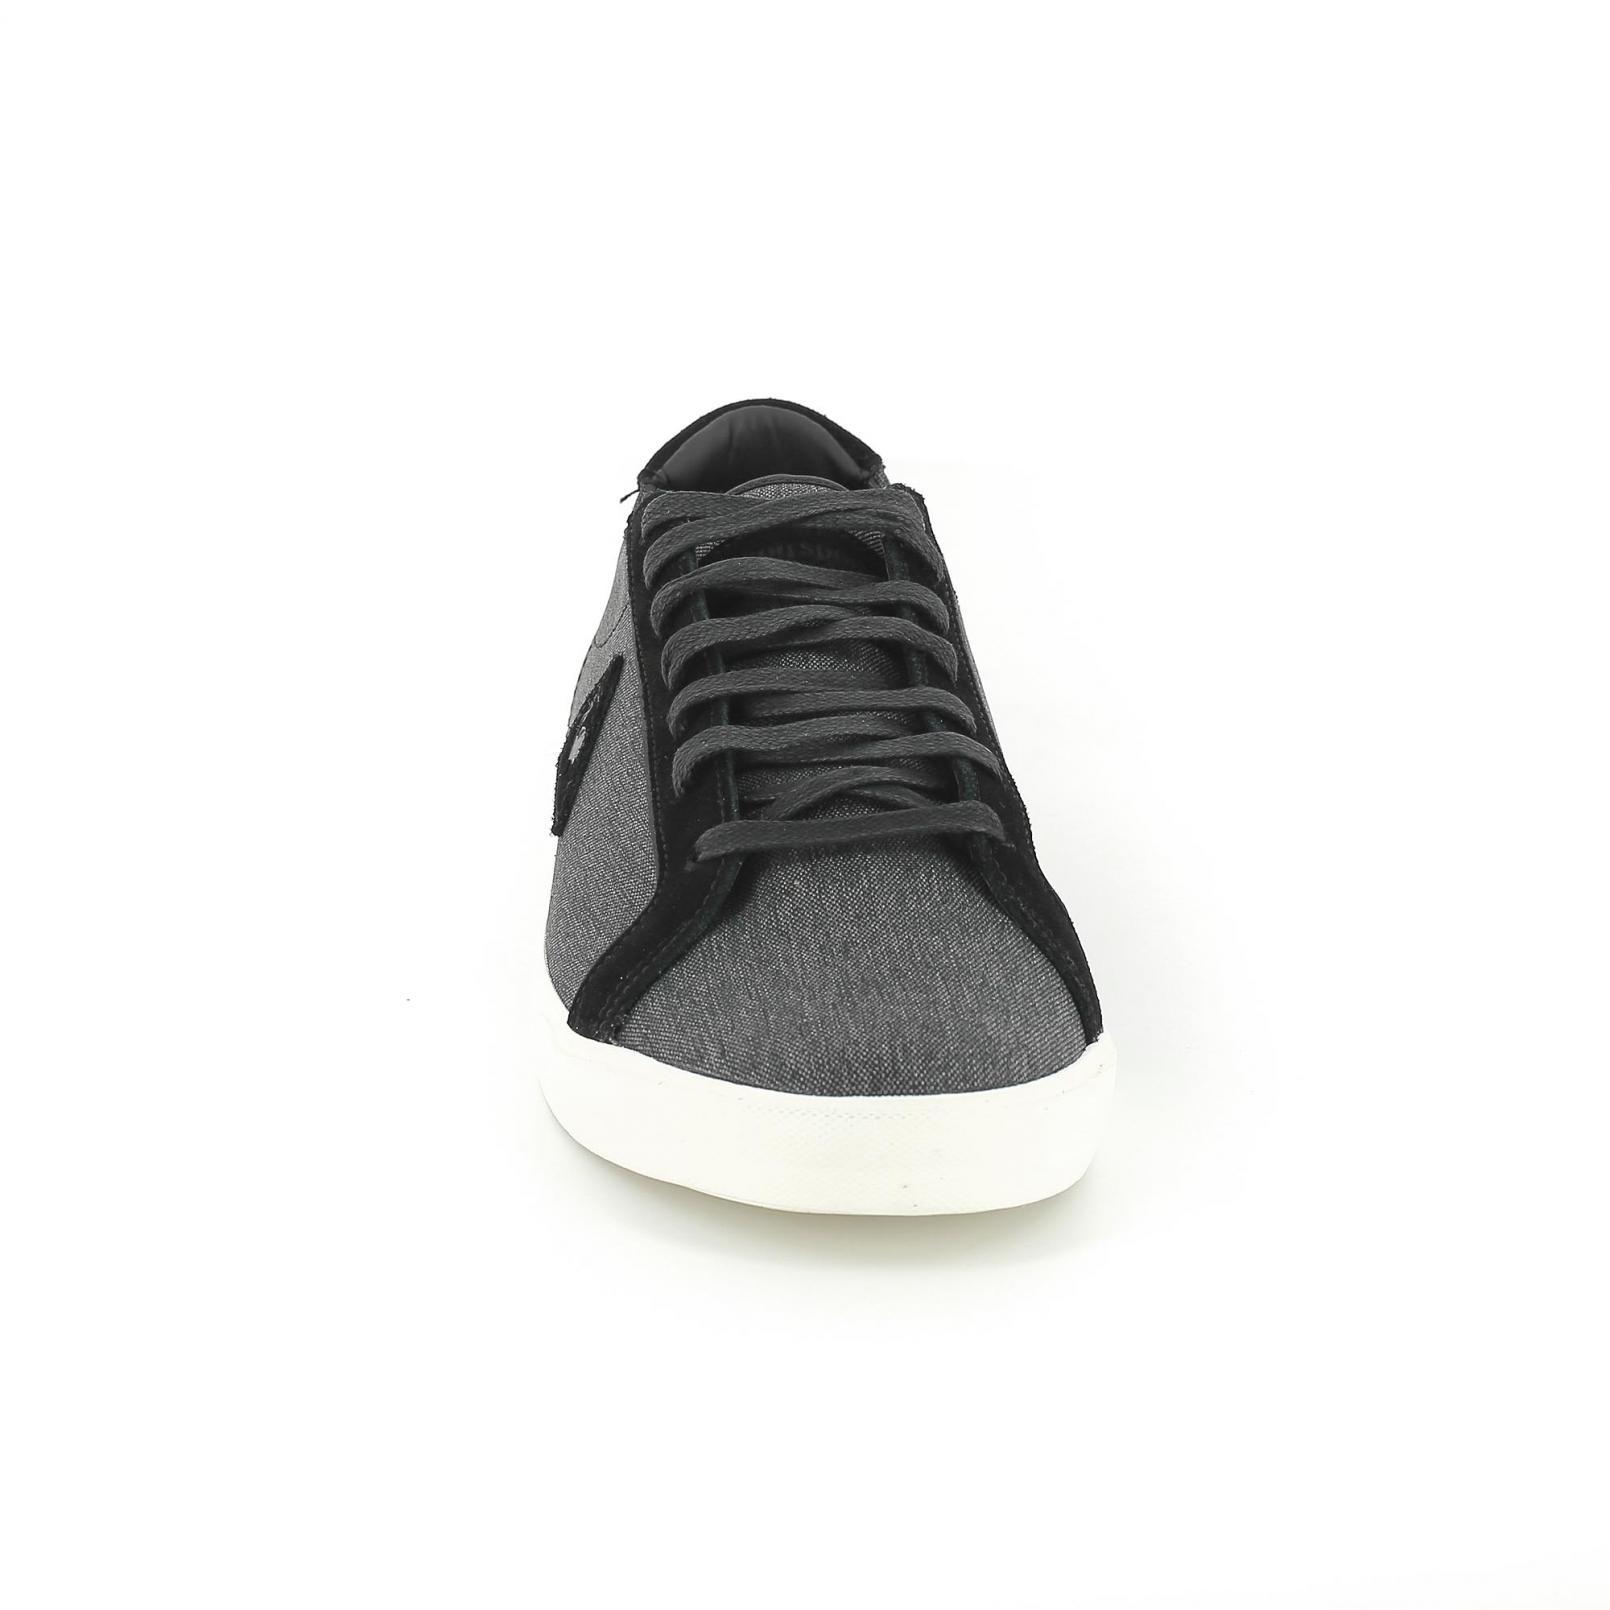 Shoes – Le Coq Sportif Feret Atl 2 Tones/Suede Black